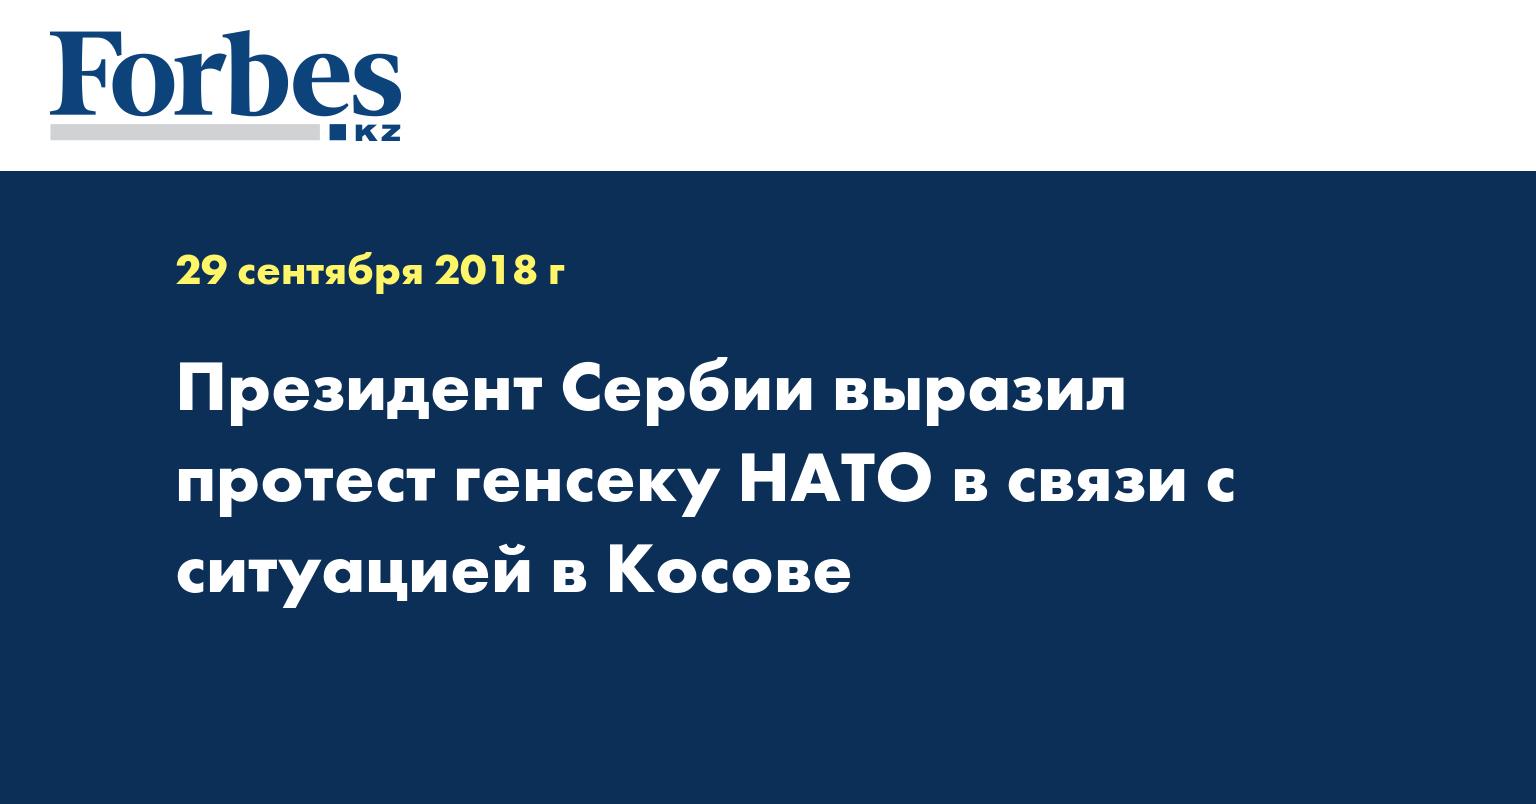 Президент Сербии выразил протест генсеку НАТО в связи с ситуацией в Косове